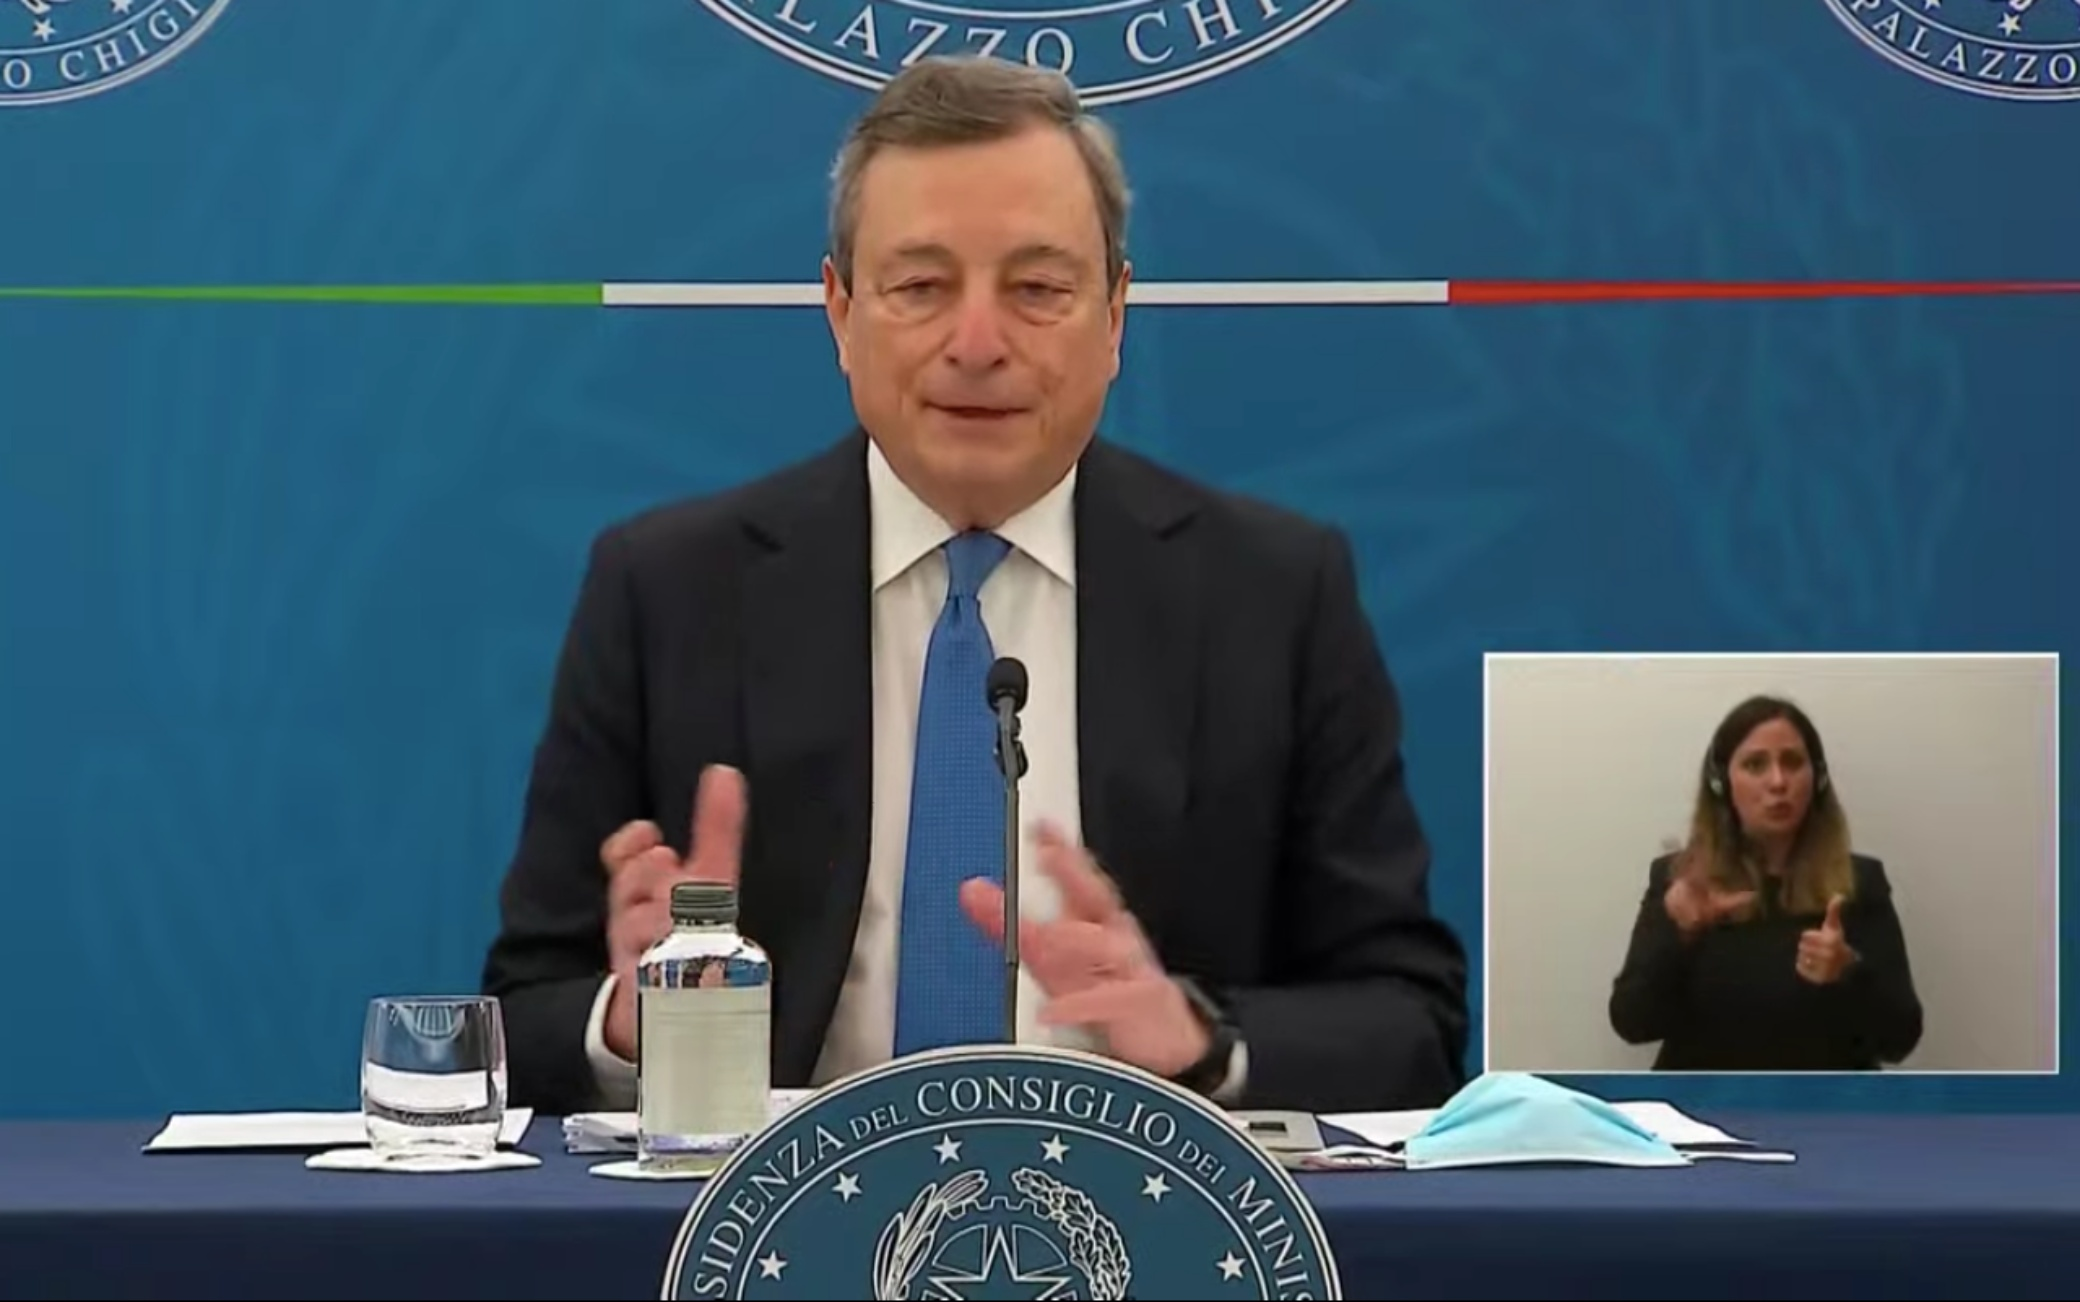 La conferenza stampa di Draghi sulle riaperture dal 26 aprile